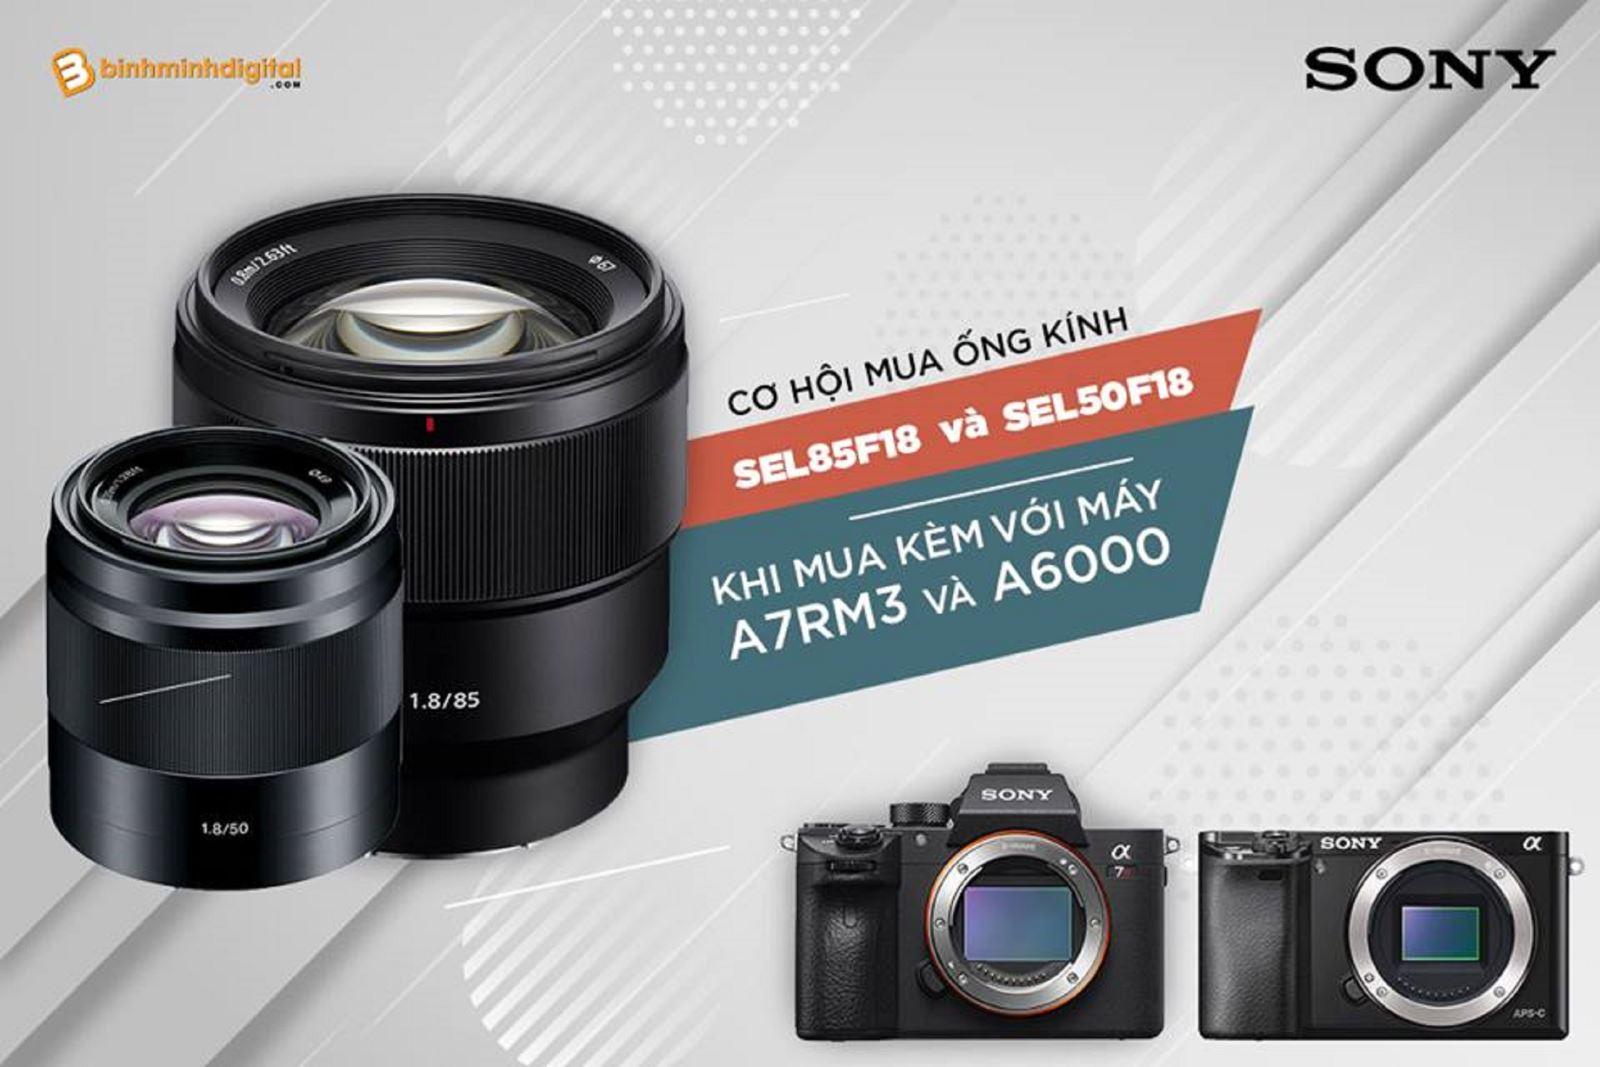 Cơ hội mua ống kính Sony với giá cực kì sốc duy nhất tại Bình Minh Digital